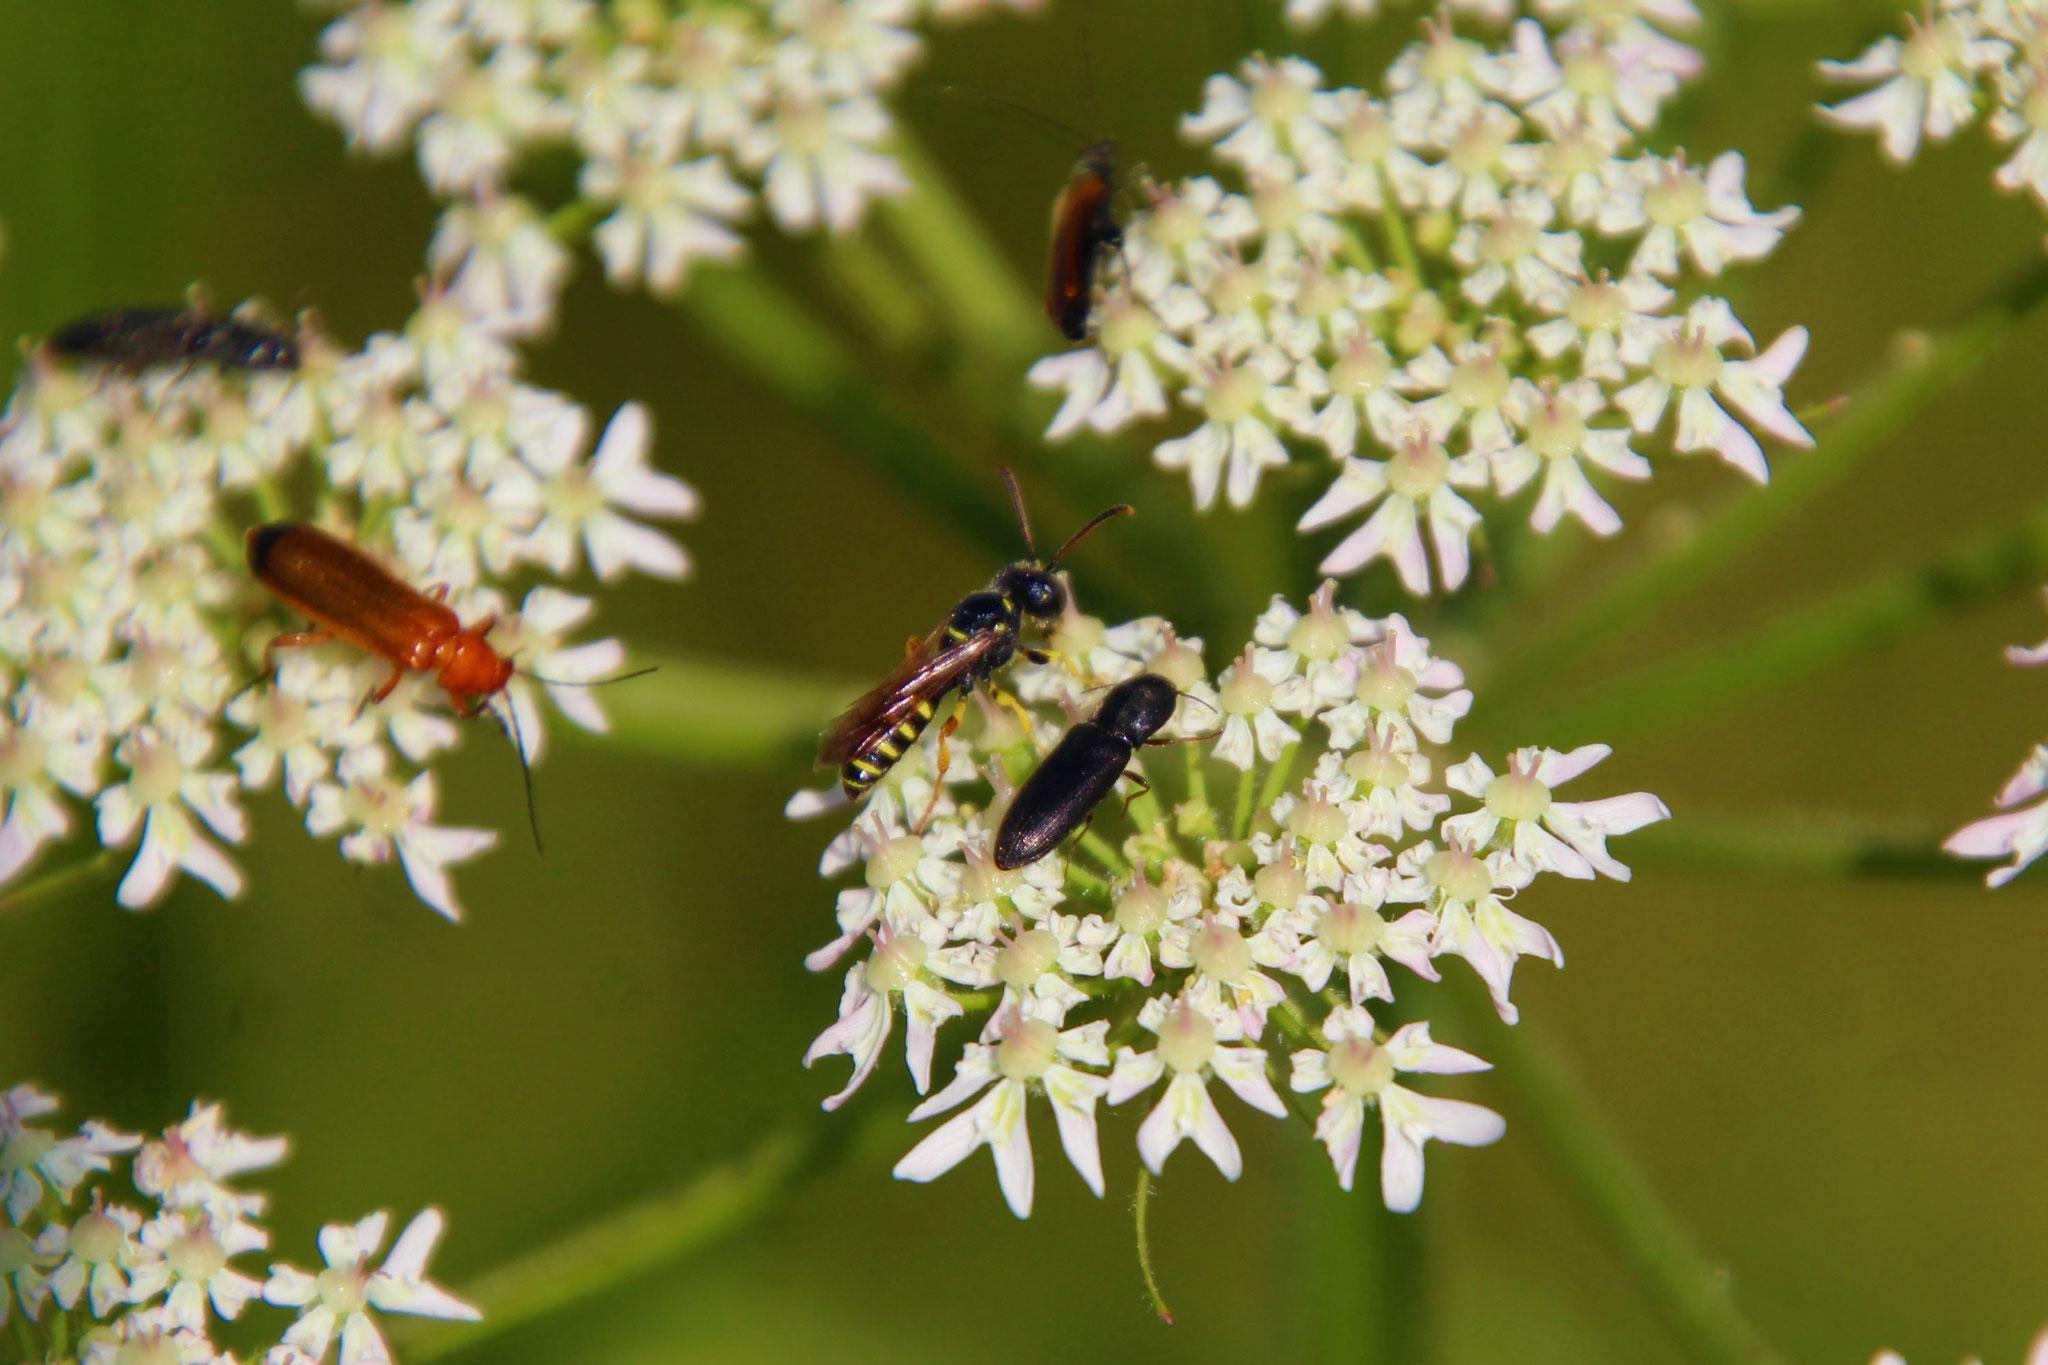 Doldenblütler bieten Insekten bequeme Landeflächen und kurze Wege von Blüte zu Blüte. (Foto: B.Mayer)